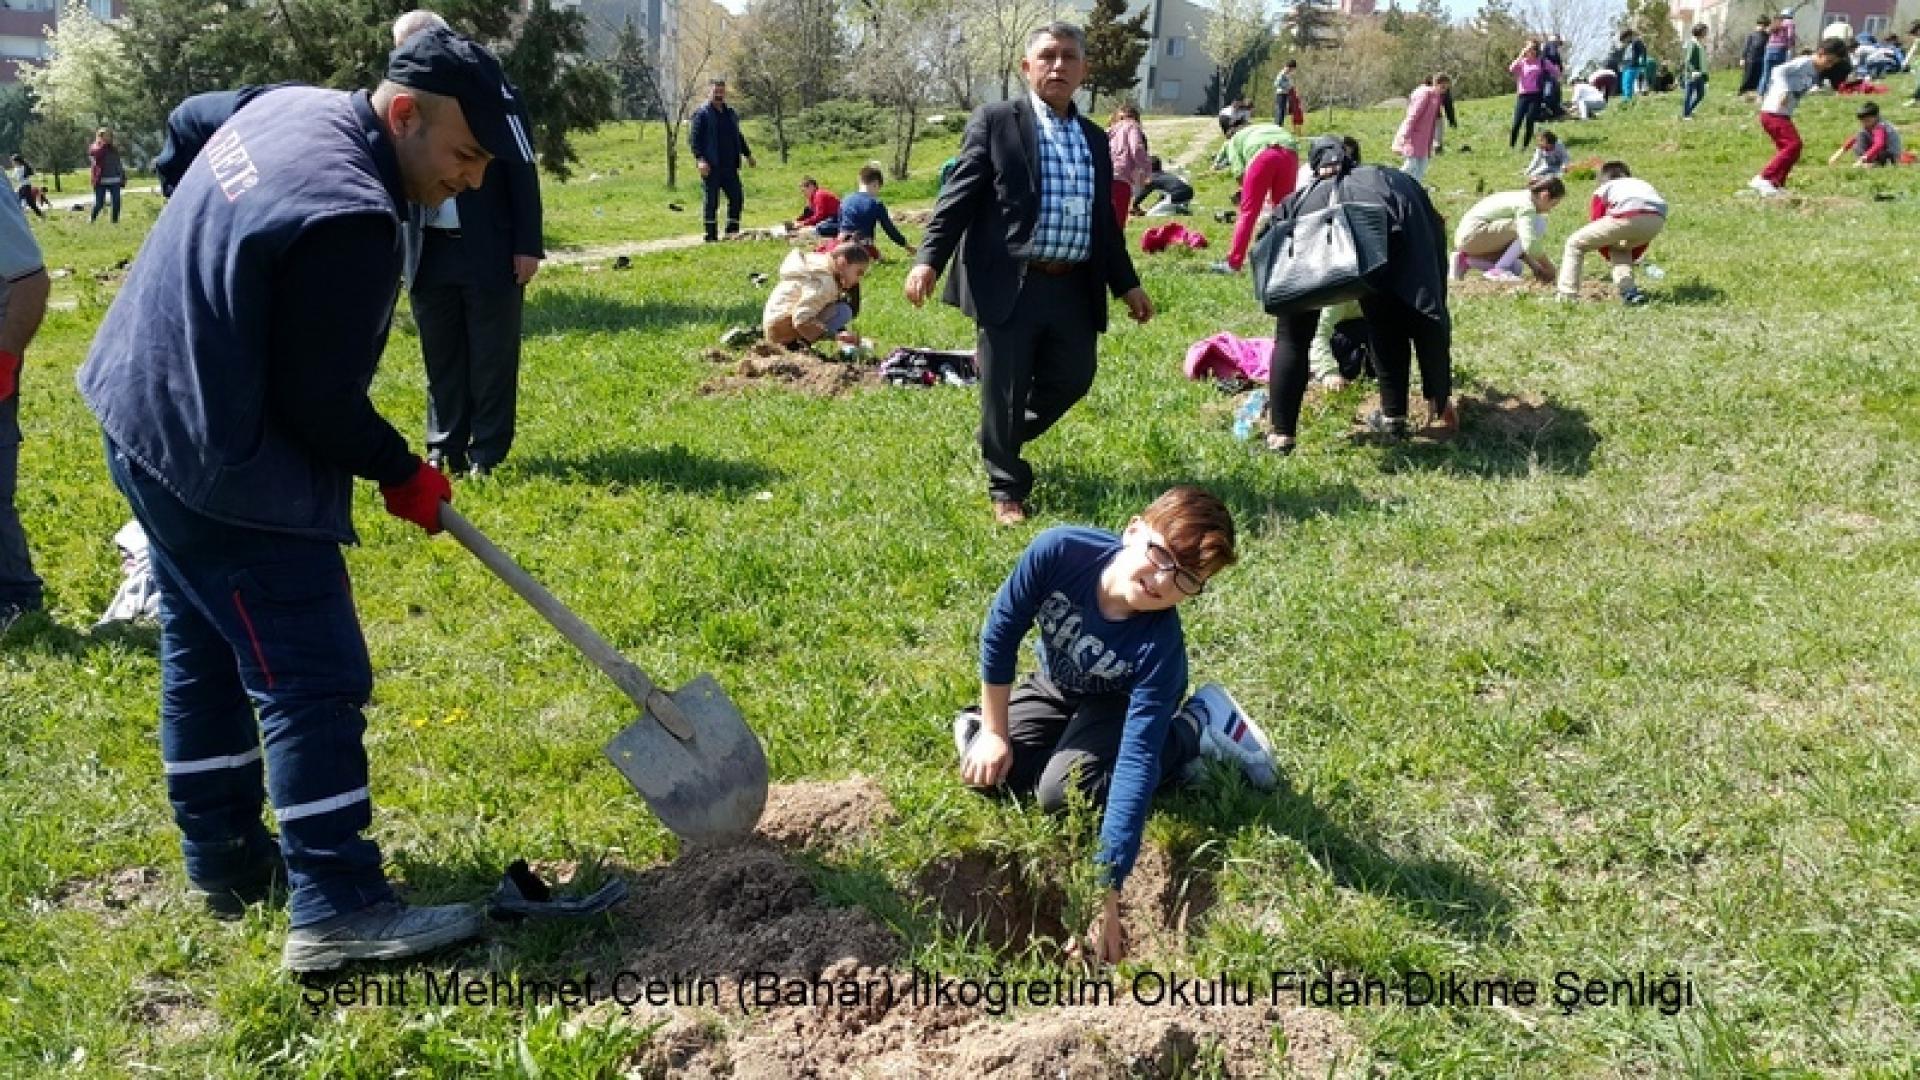 Şehit Mehmet Çetin İlkokulu Ağaç Dikme Şenliği 1523000133 966